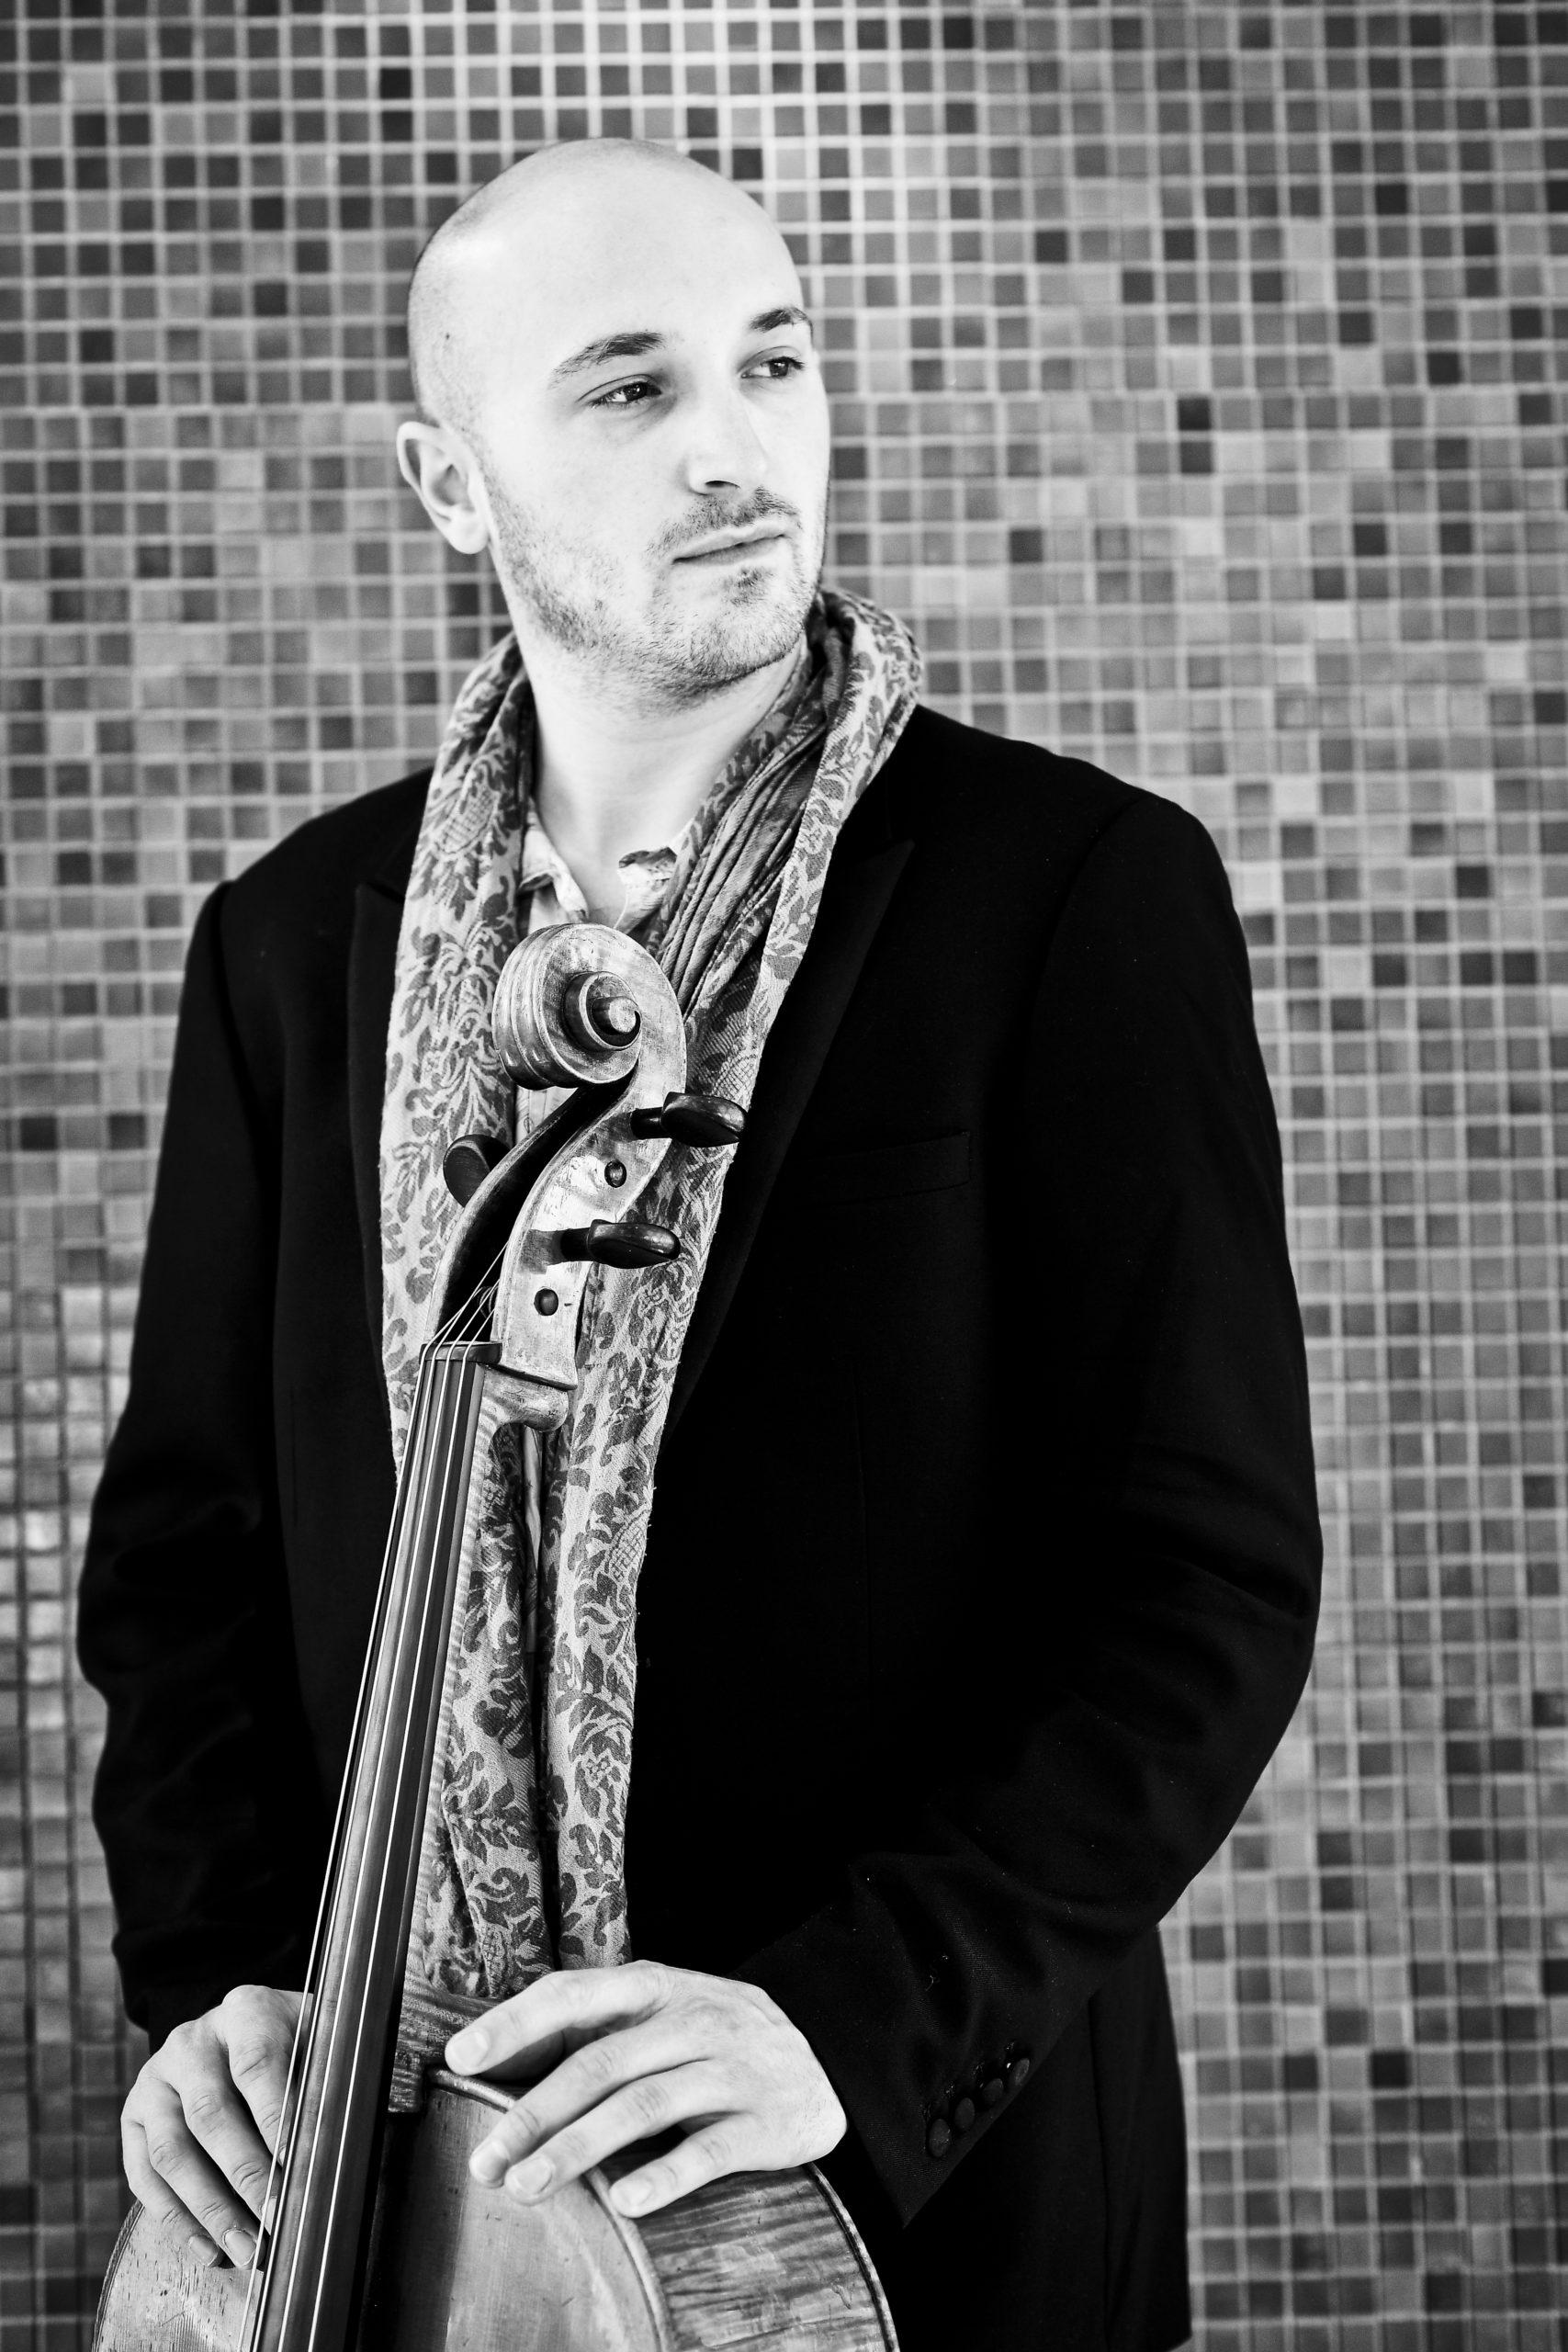 Jordan Costard - Violoncelliste